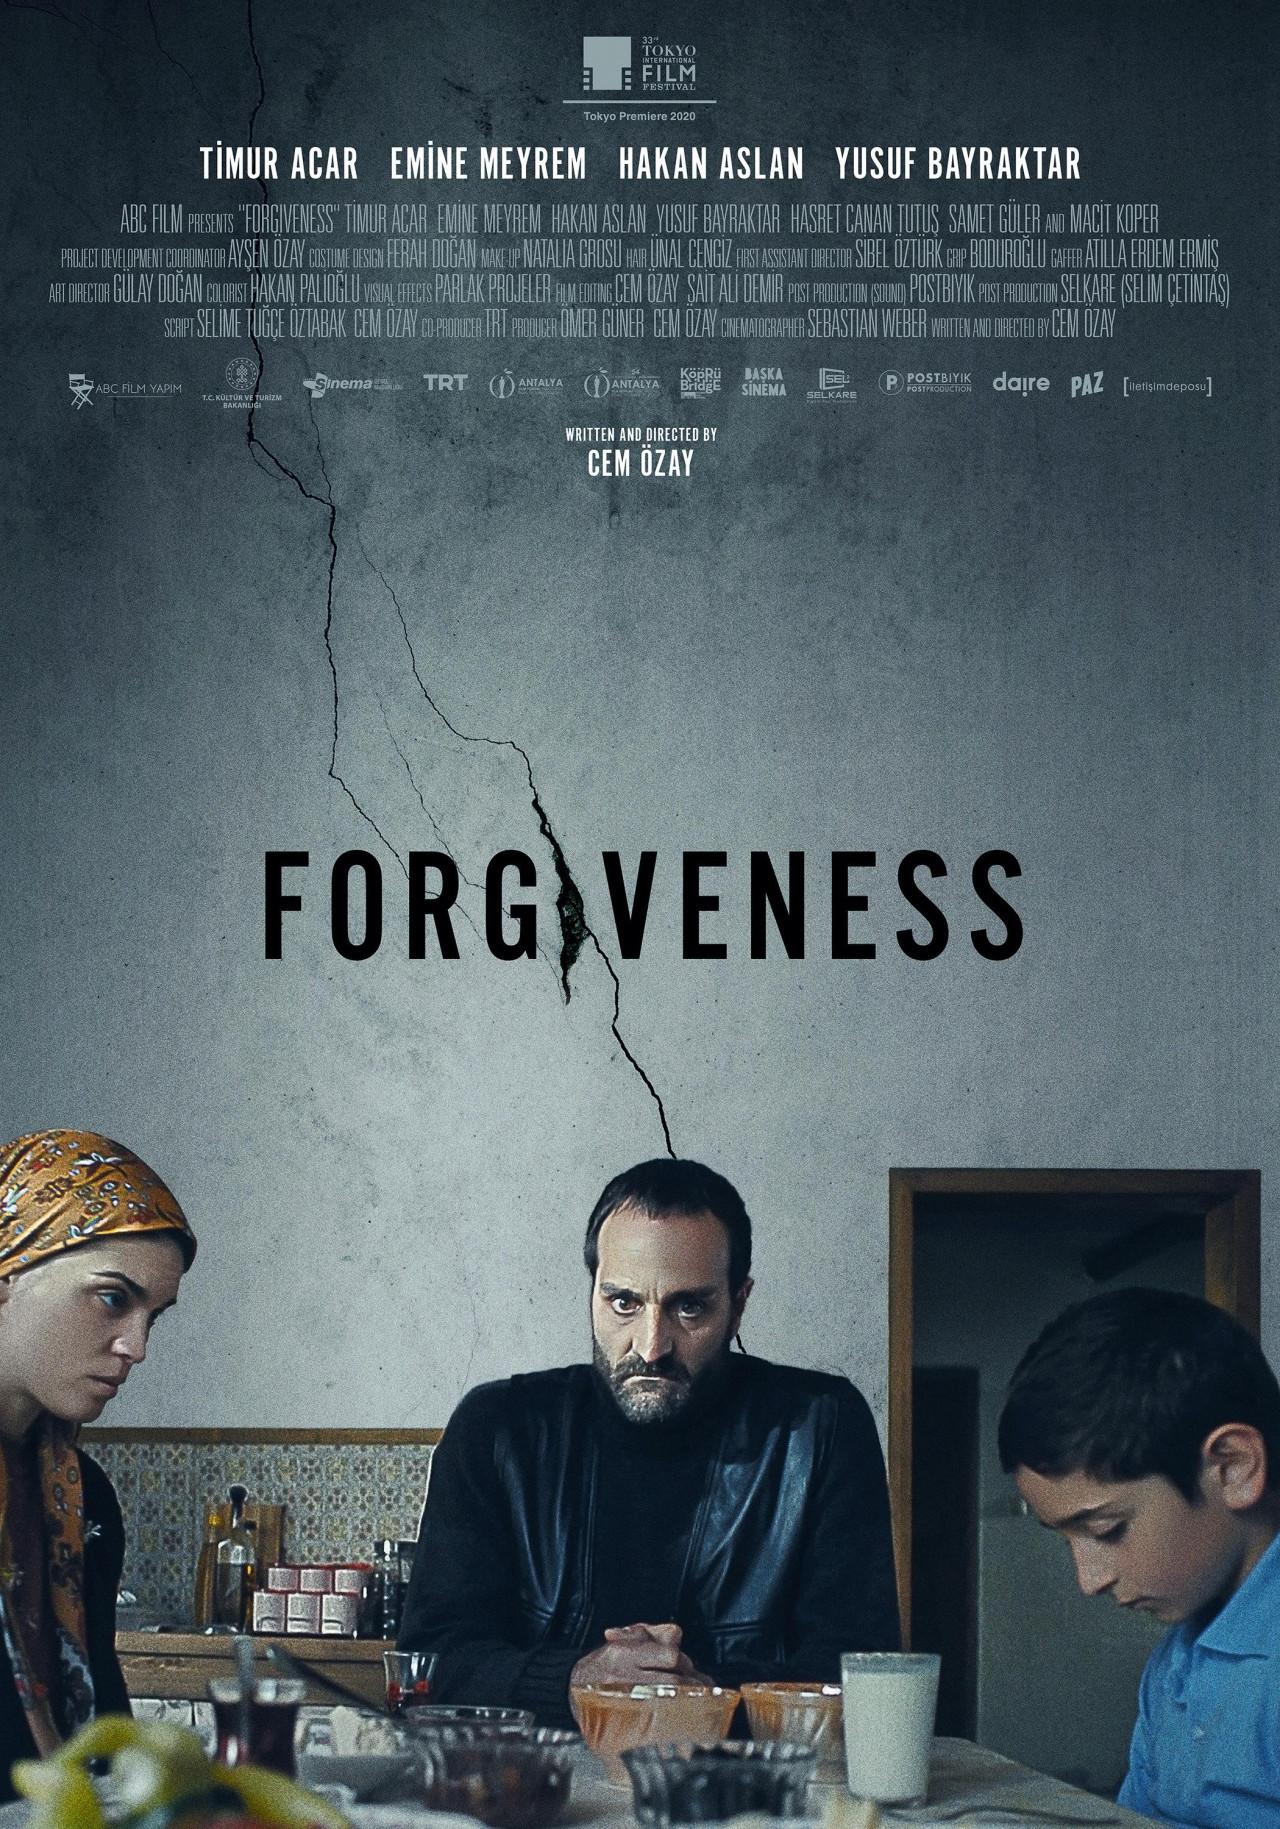 Tokyo yolcusu 'Af' filminin fragmanı yayınlandı